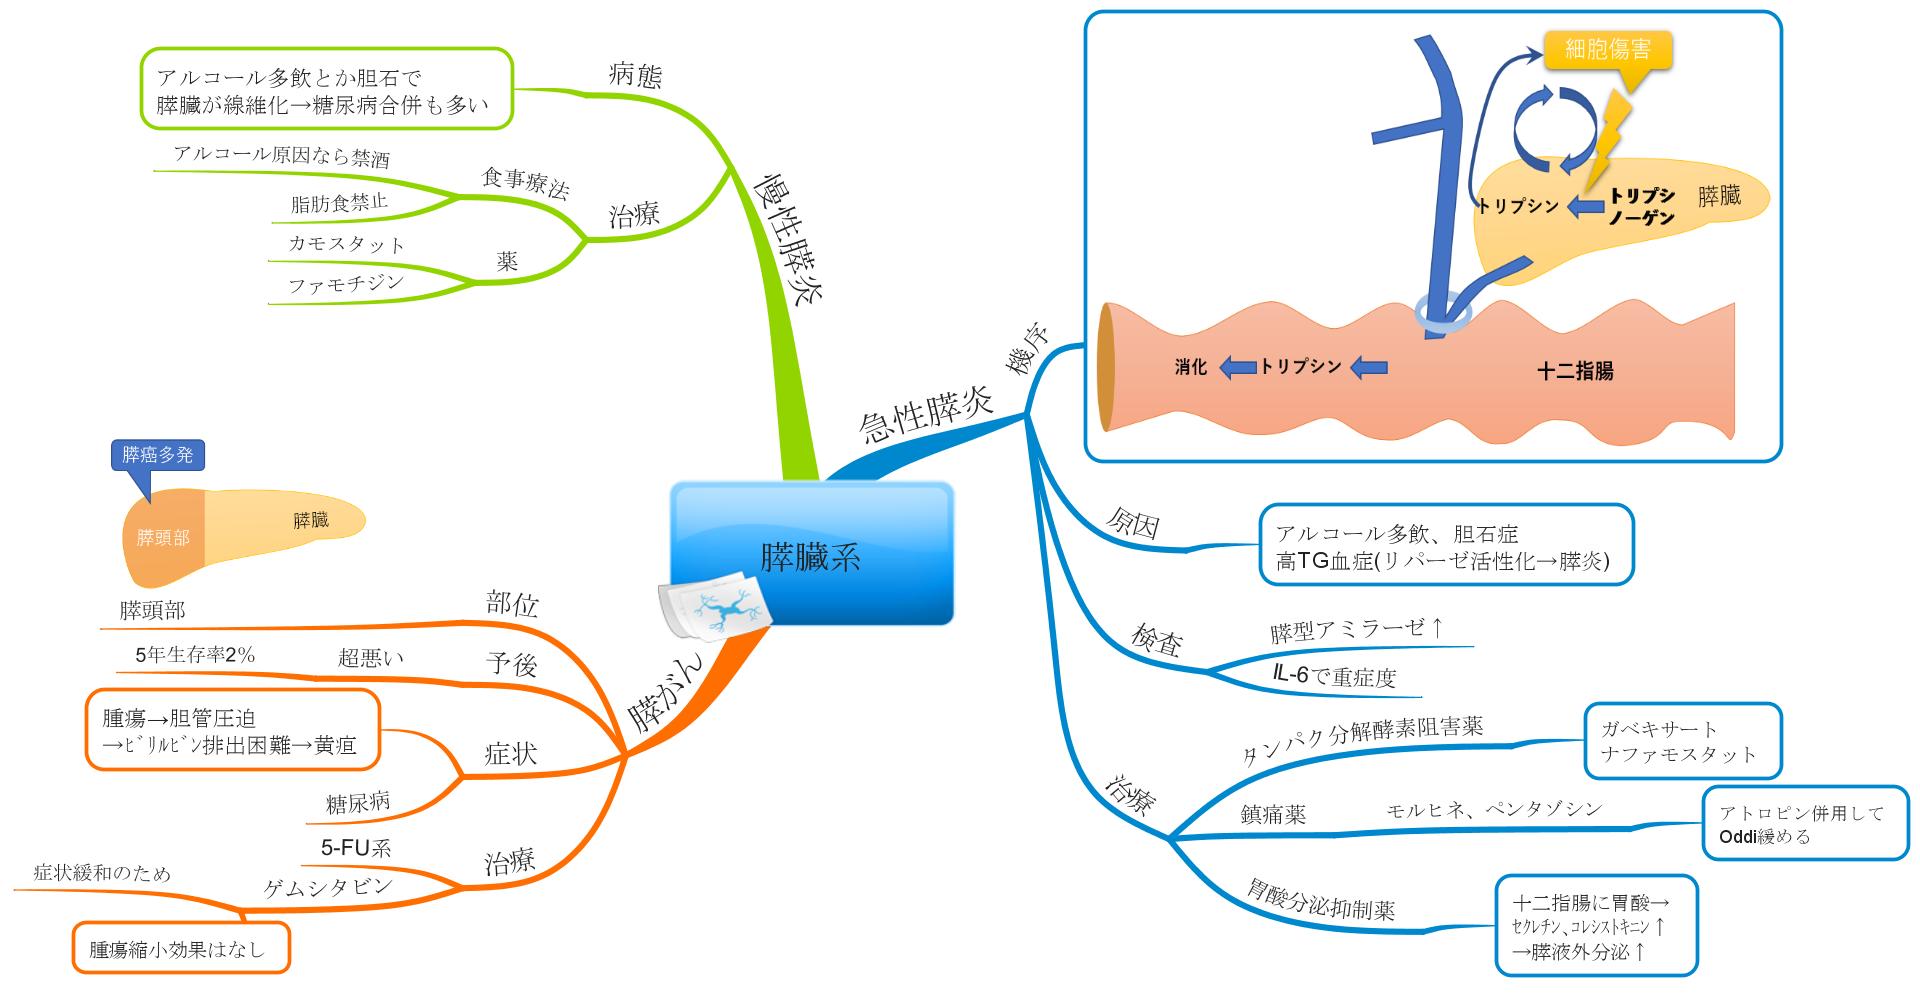 すい臓系のマインドマップ